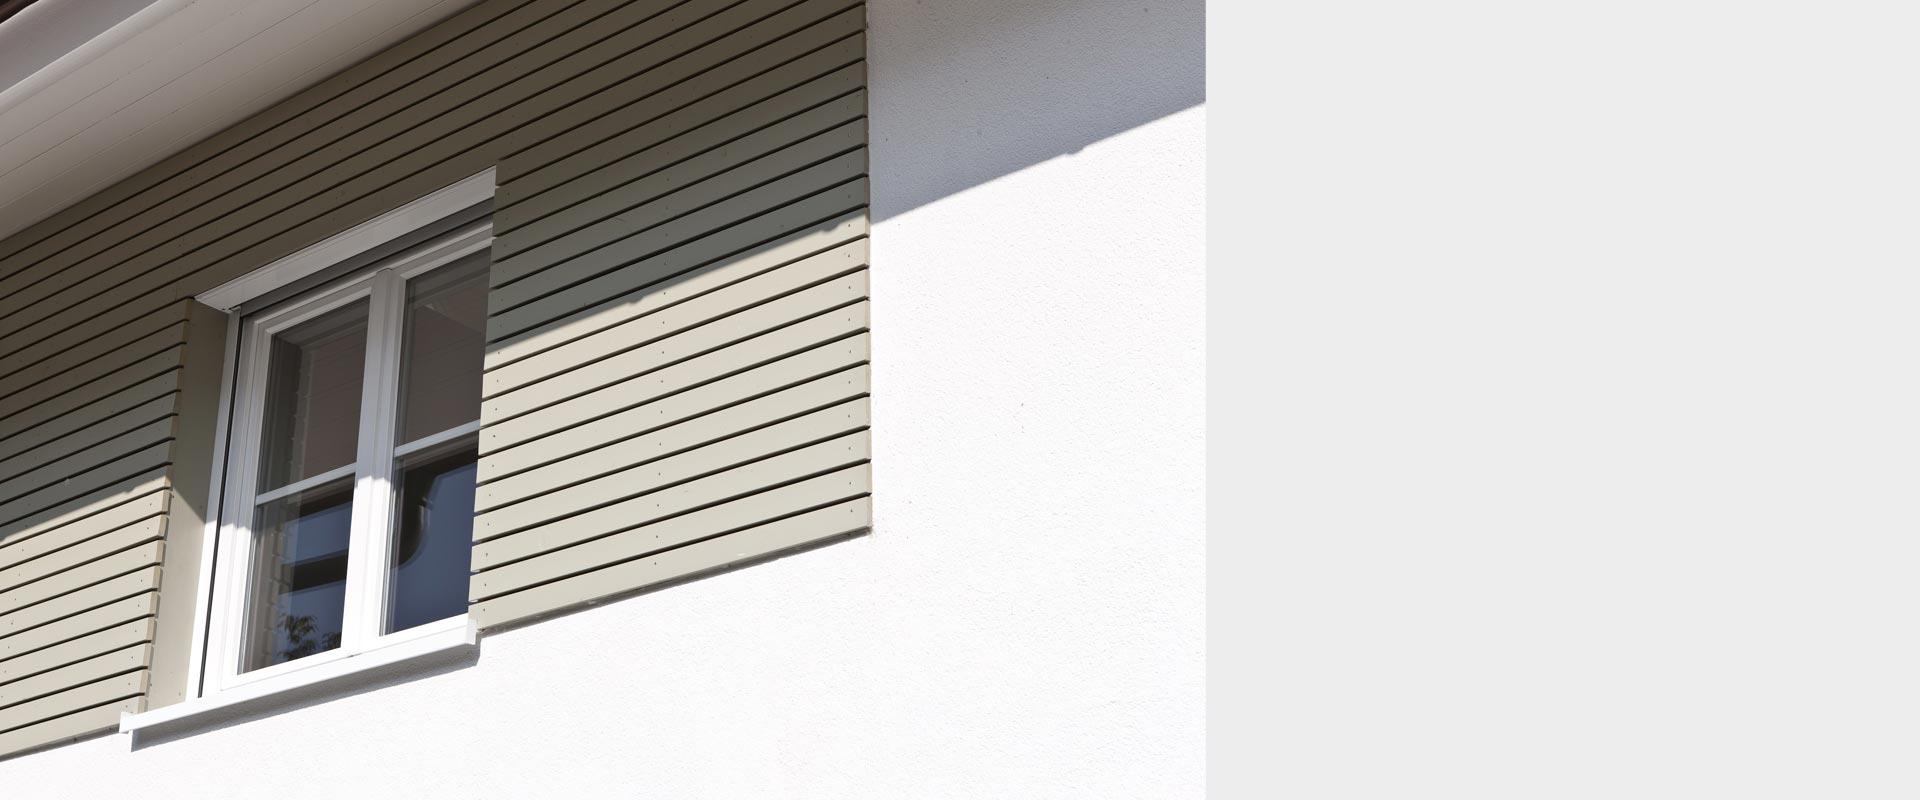 architekturbuero_henning_musahl_mehrgenerationen_wohnen13